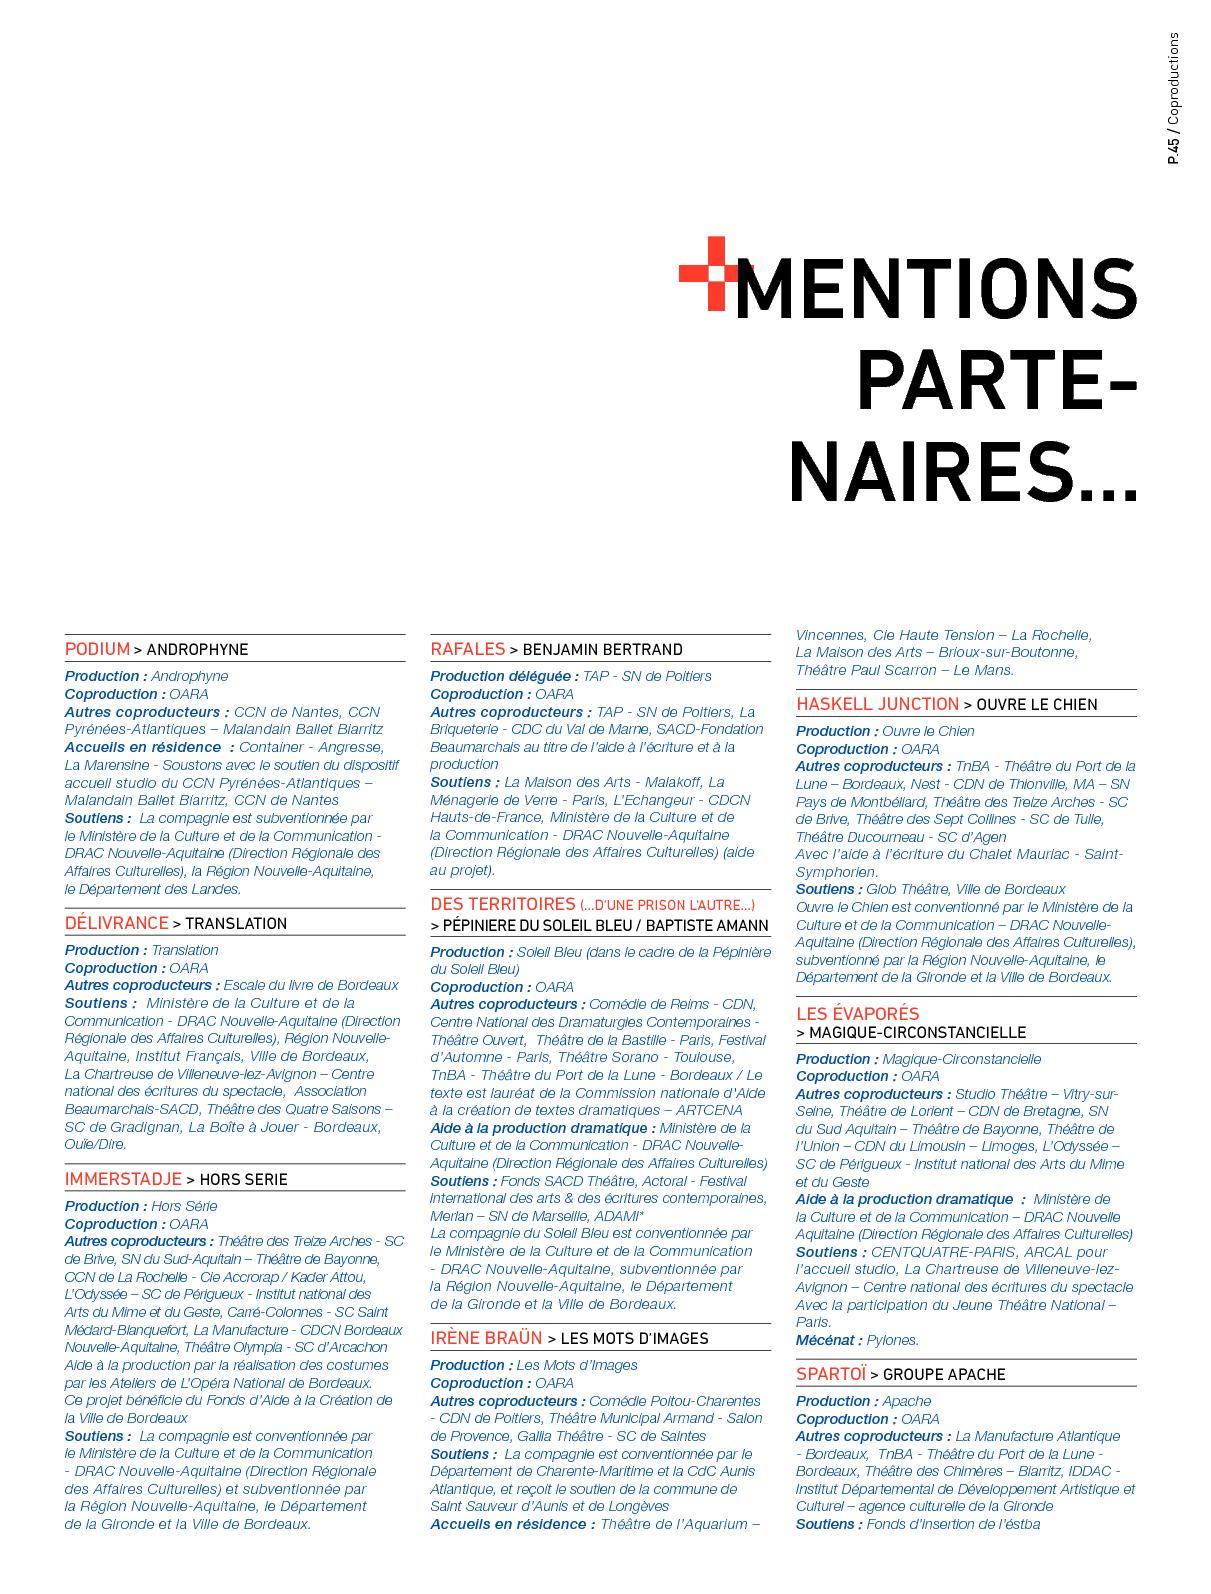 Vive Le Jardin Salon De Provence Luxe Saison 2017 18 Calameo Downloader Of 23 Frais Vive Le Jardin Salon De Provence